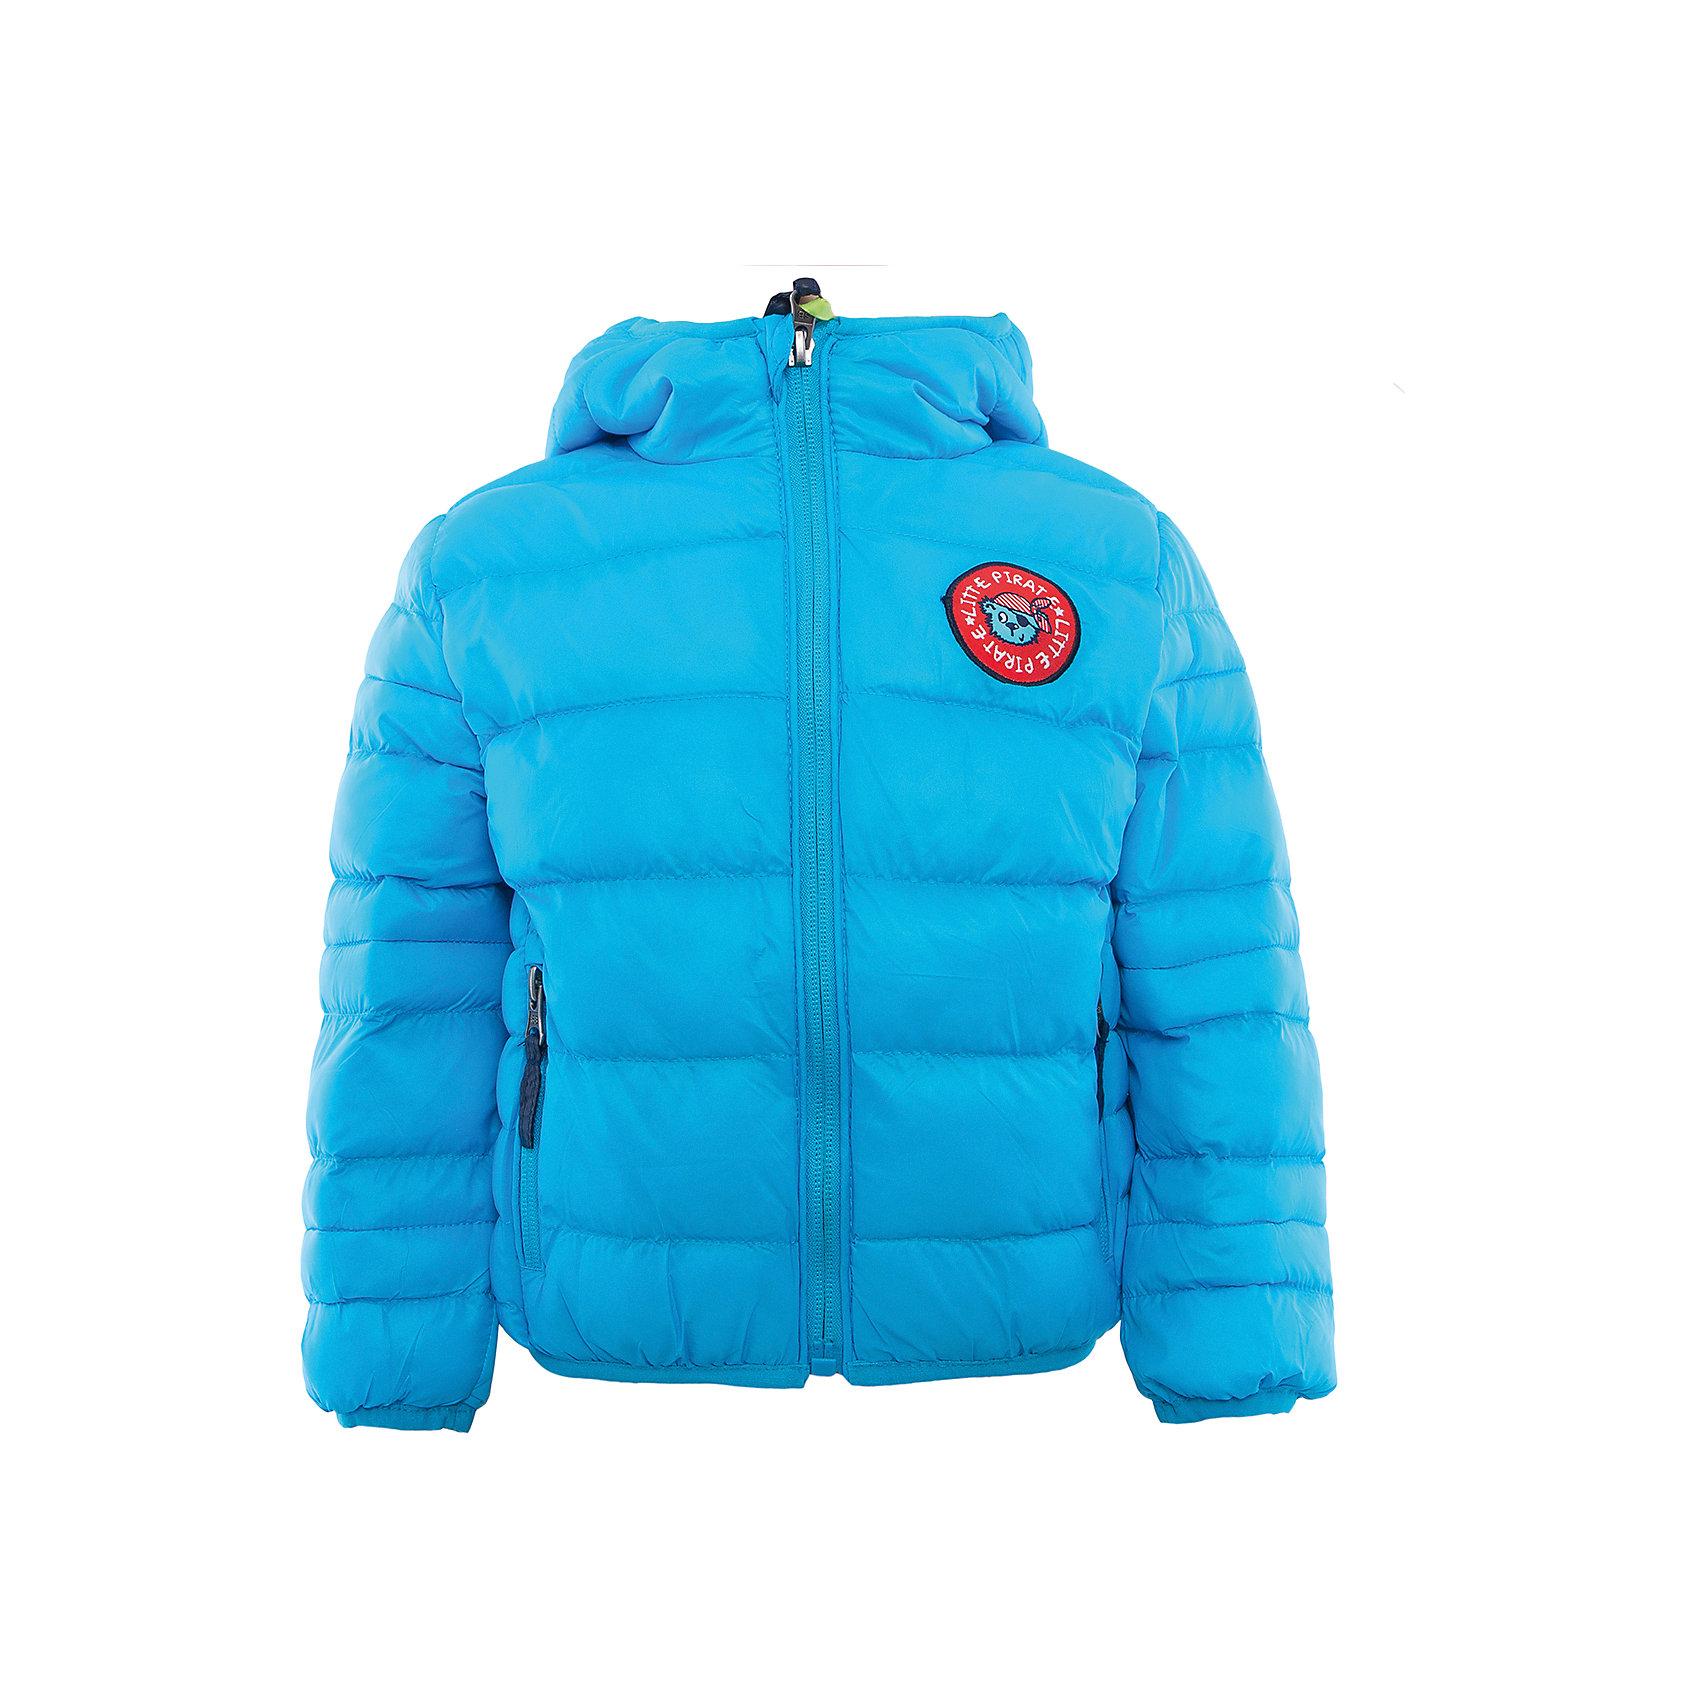 Куртка для мальчика Sweet BerryВерхняя одежда<br>Стильная, стеганая куртка бирюзового цвета для мальчика. Прорезные косые карманы. Застегивается на молнию.  Капюшон с дополнительной утяжкой. Куртка декорирована аппликацией.<br>Состав:<br>Верх: 100%нейлон. Подкладка: 65%хлопок 35%полиэстер. Наполнитель: 100%полиэстер<br><br>Ширина мм: 356<br>Глубина мм: 10<br>Высота мм: 245<br>Вес г: 519<br>Цвет: синий<br>Возраст от месяцев: 12<br>Возраст до месяцев: 15<br>Пол: Мужской<br>Возраст: Детский<br>Размер: 80,86,92,98<br>SKU: 5411715